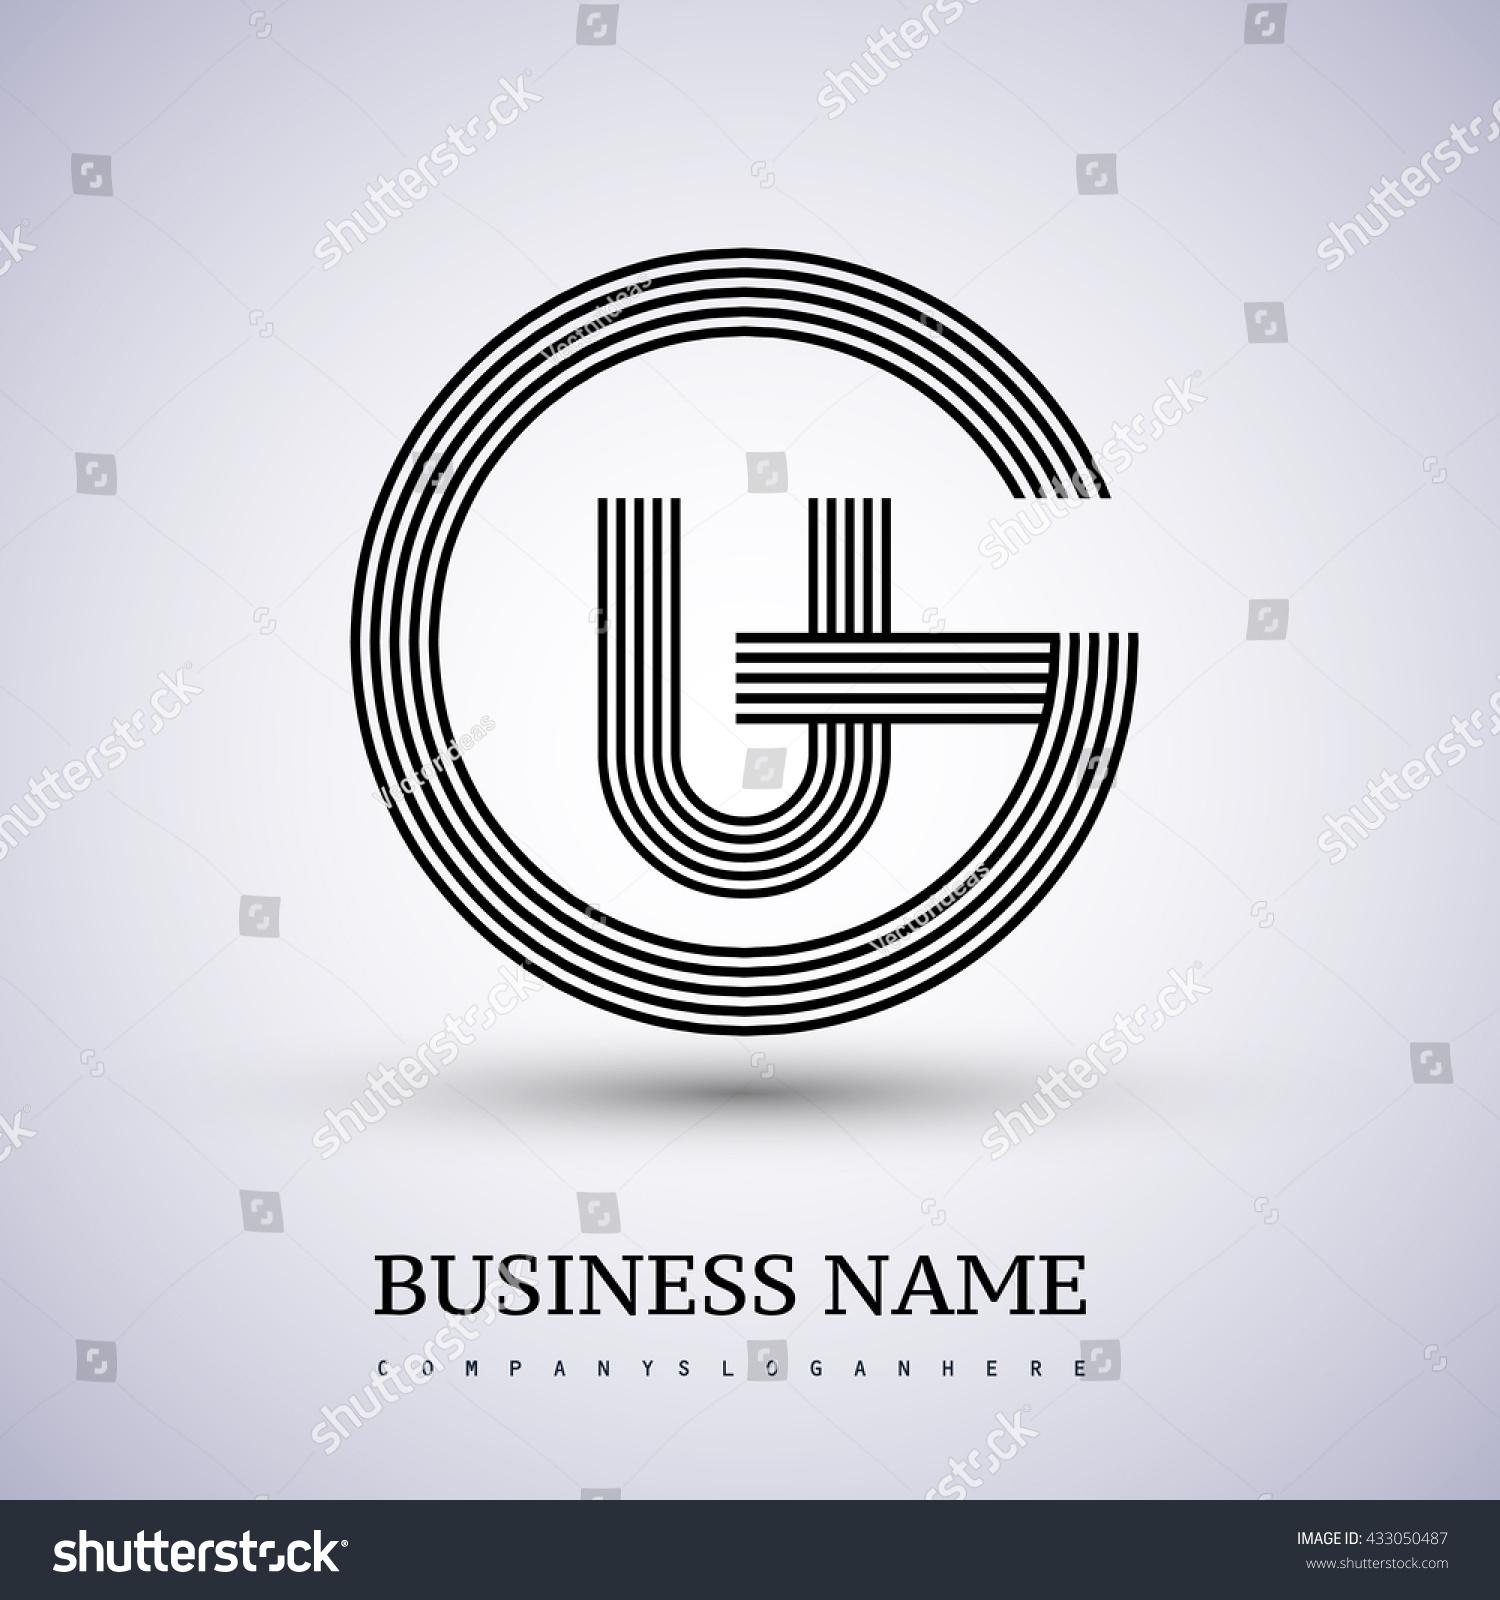 letter gu ug linked logo design stock vector royalty free Cool G Logo letter gu or ug linked logo design circle g shape elegant black colored symbol